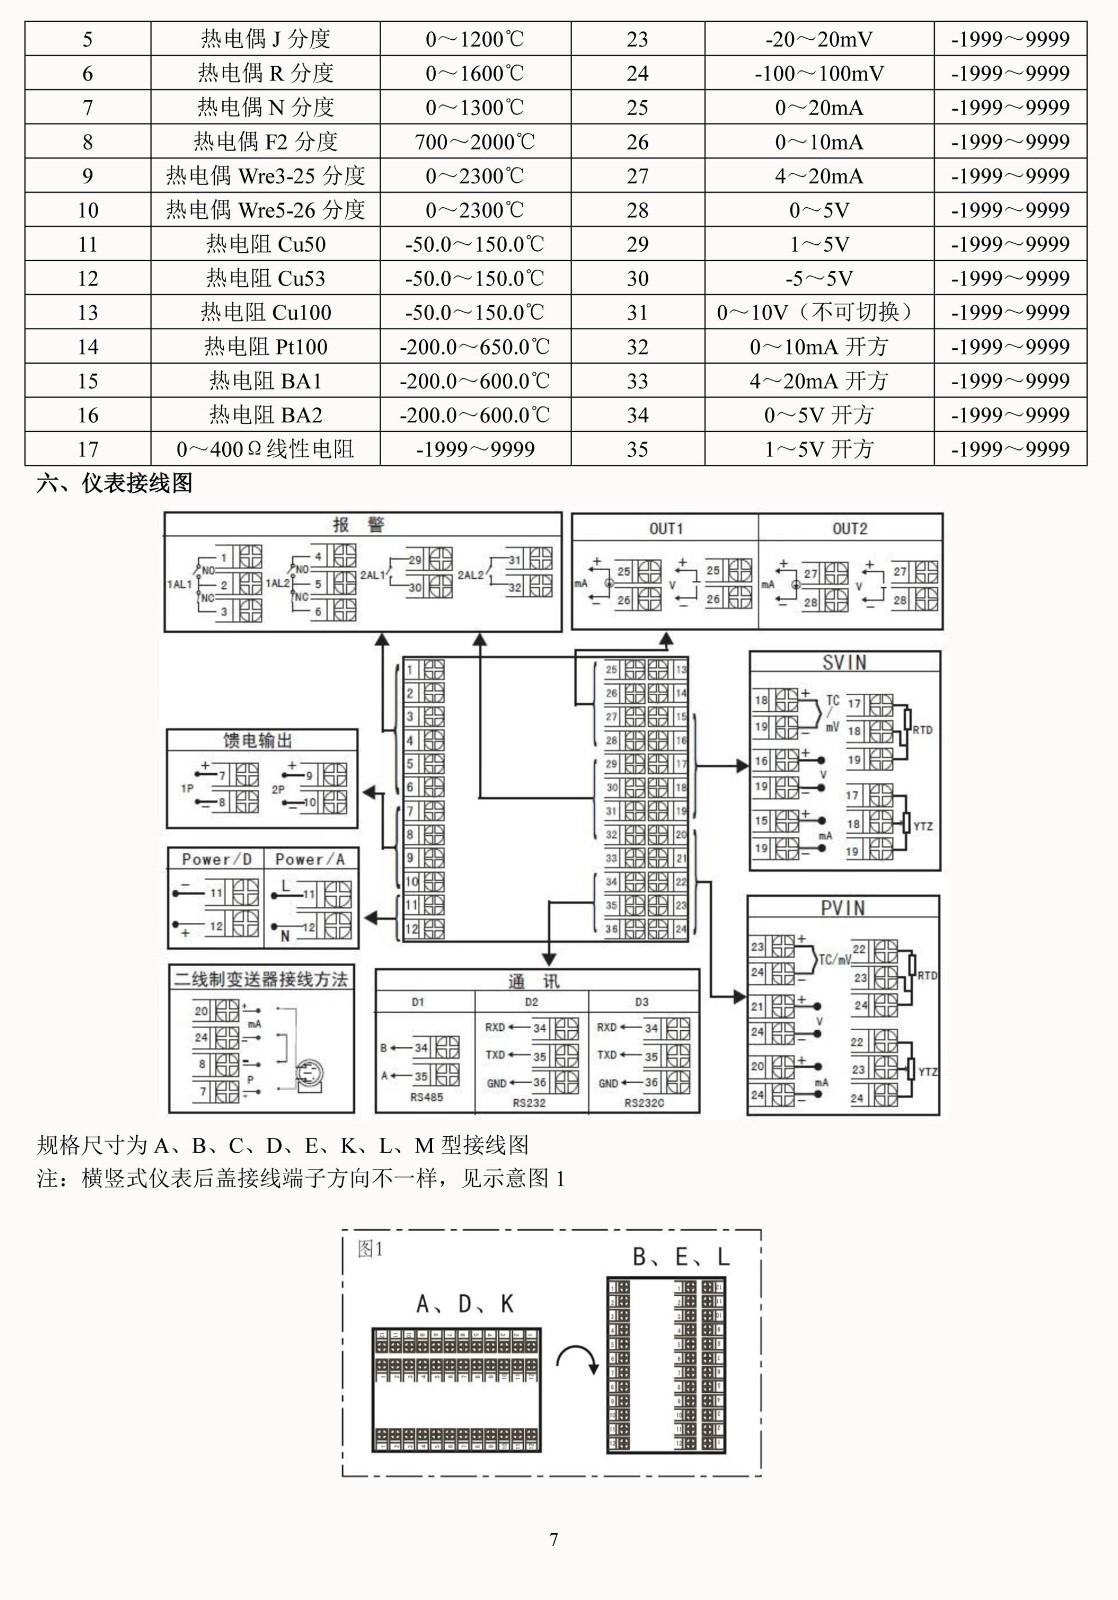 5200双回路测量显示控制仪(中性)改-7.jpg